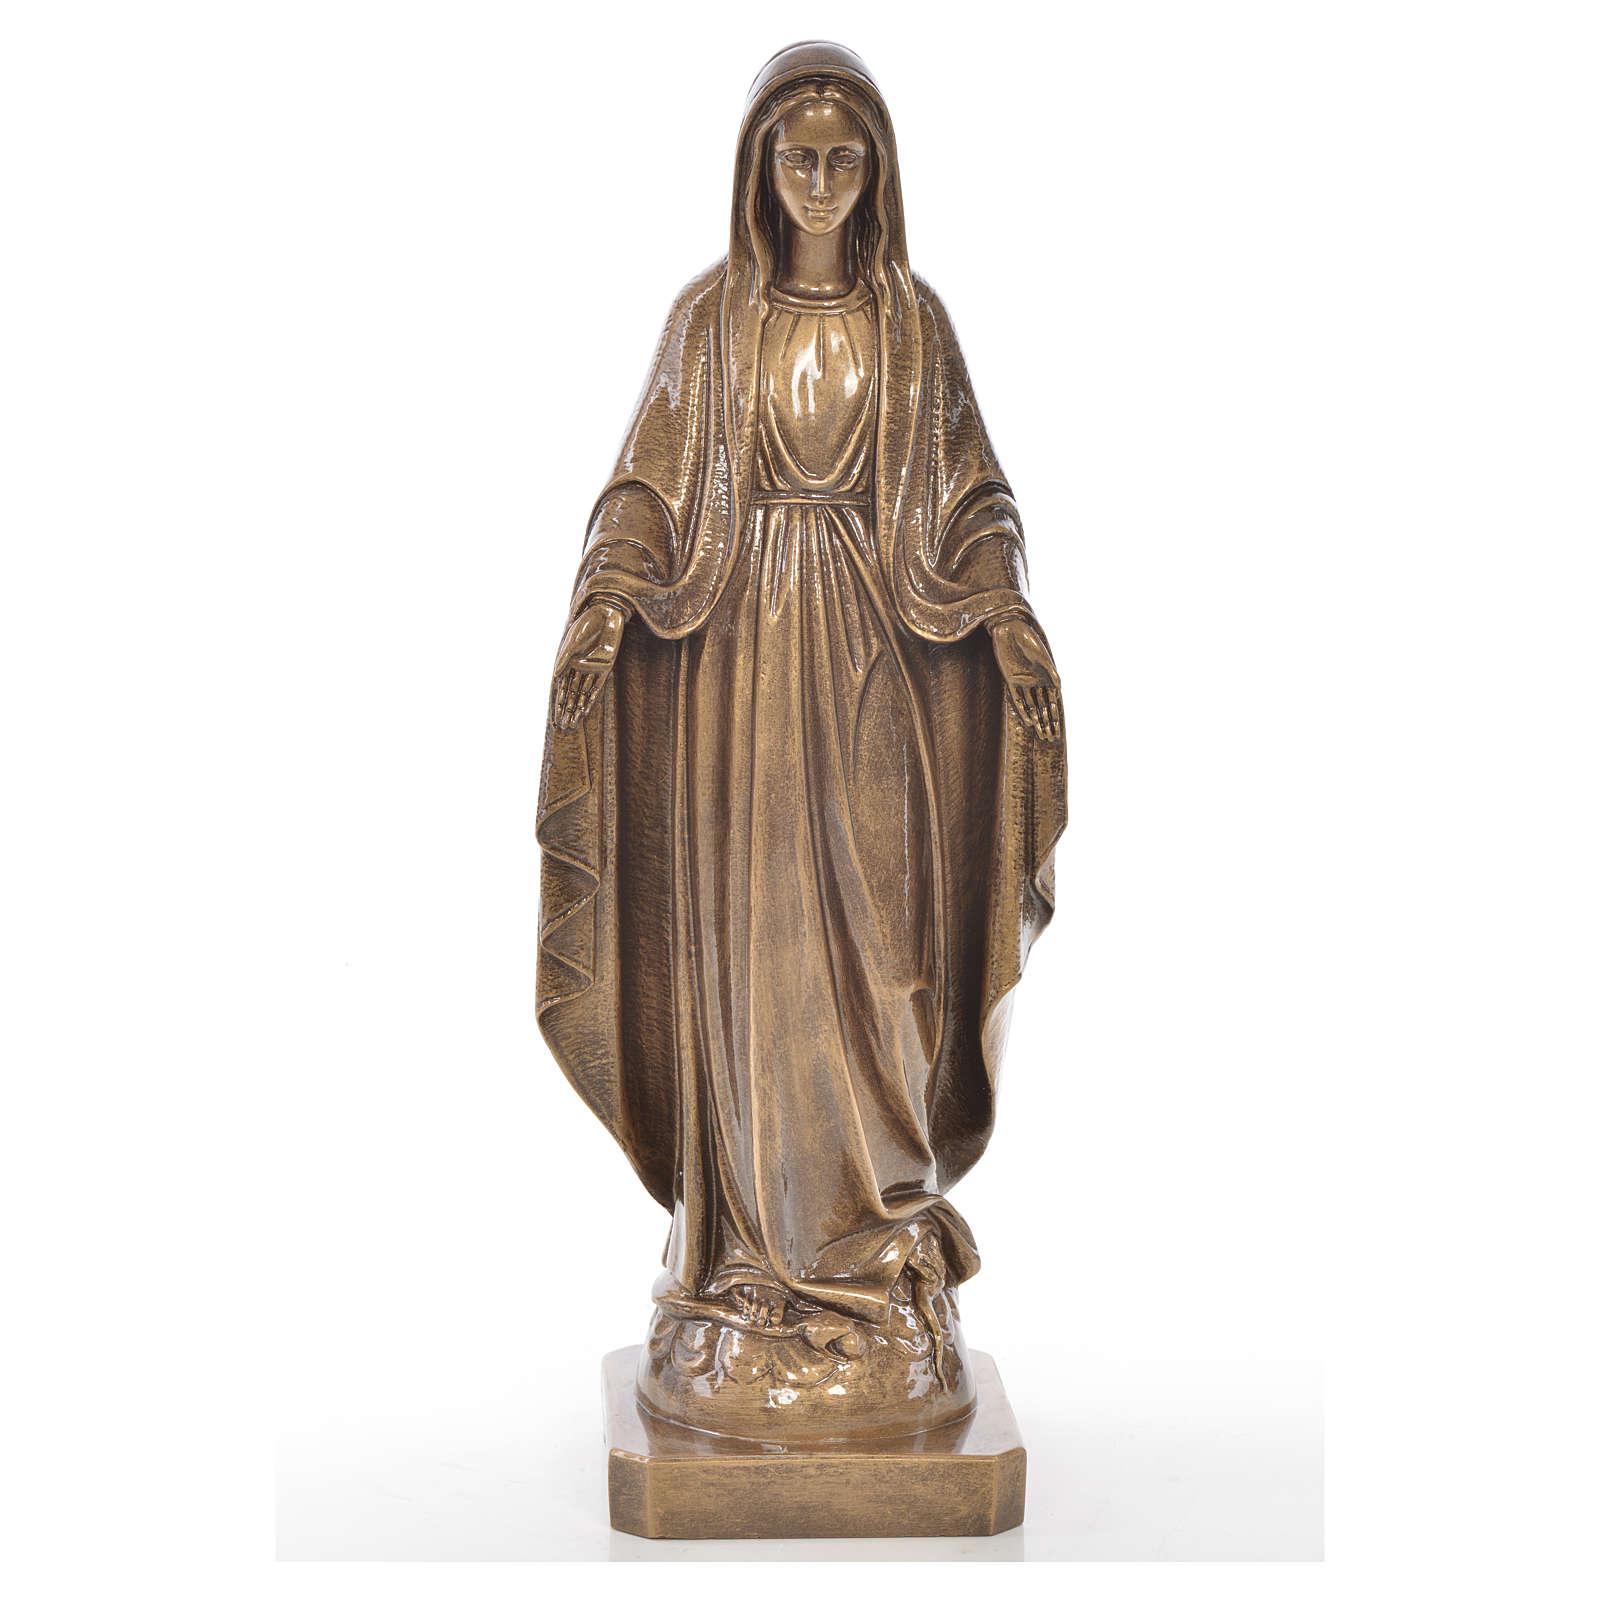 vierge miraculeuse 50 cm ext rieur poudre de marbre bronze vente en ligne sur holyart. Black Bedroom Furniture Sets. Home Design Ideas